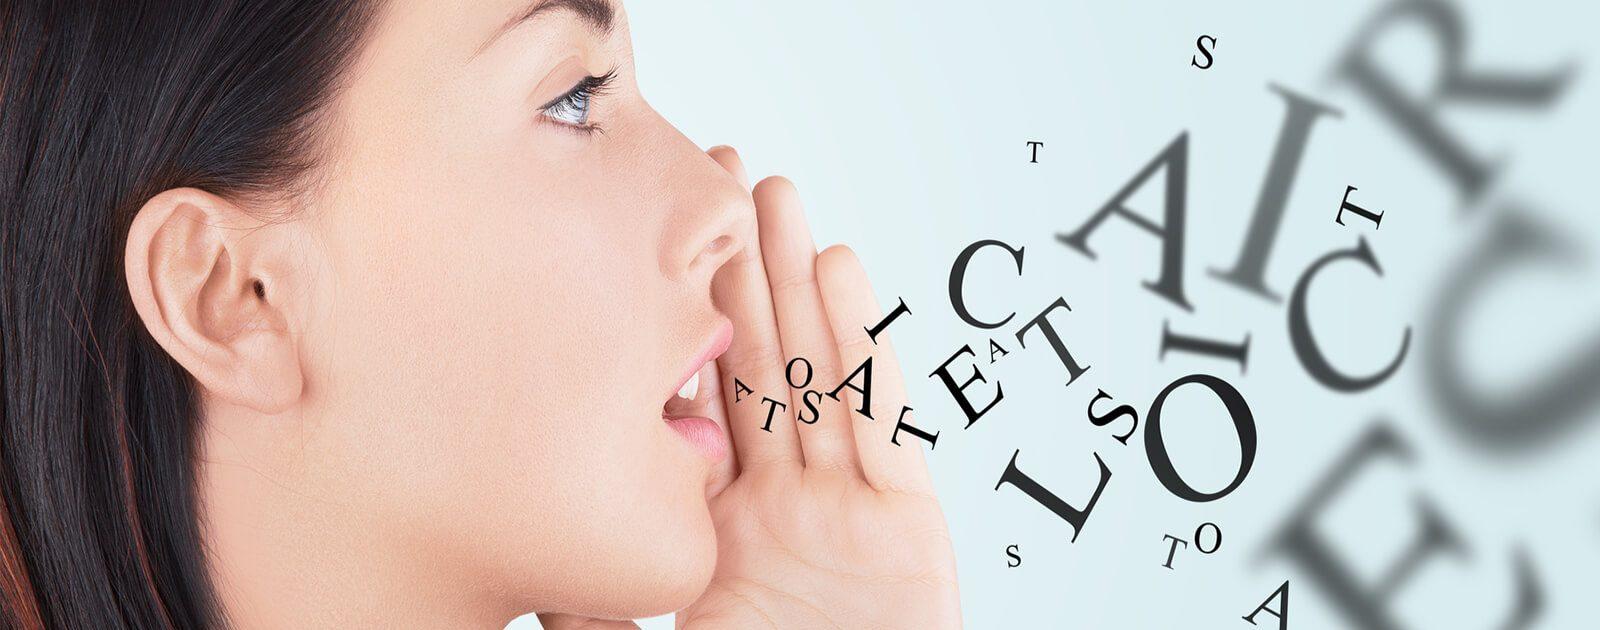 Wie funktioniert Sprechen? Damit wir sprechen oder singen können, muss sich eine ganze Reihe von Organen beteiligen.